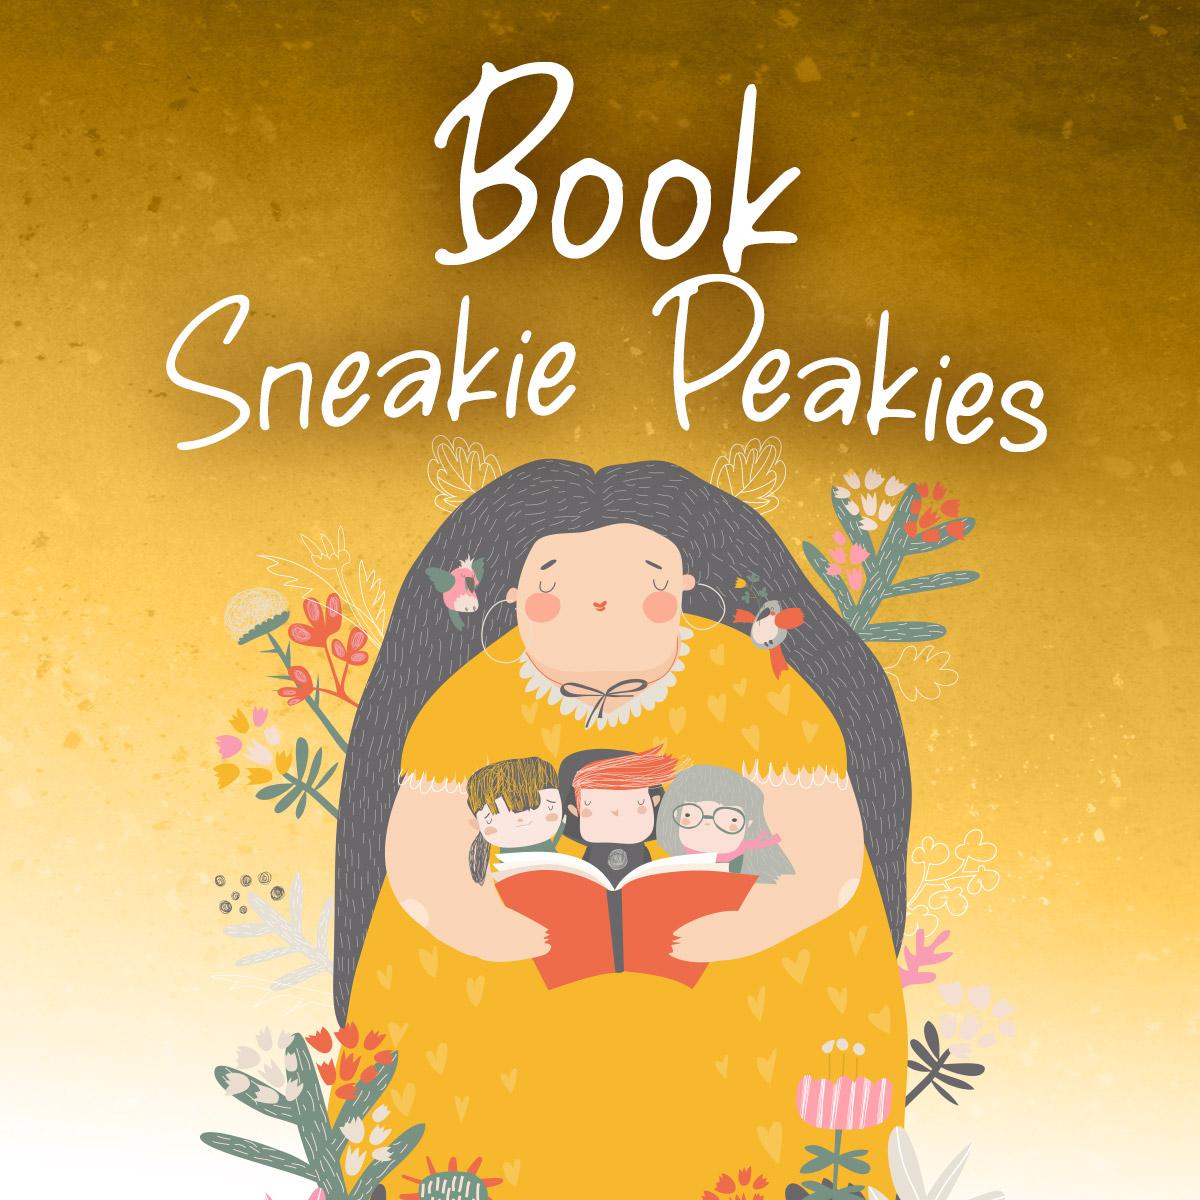 Book Sneakie Peakies